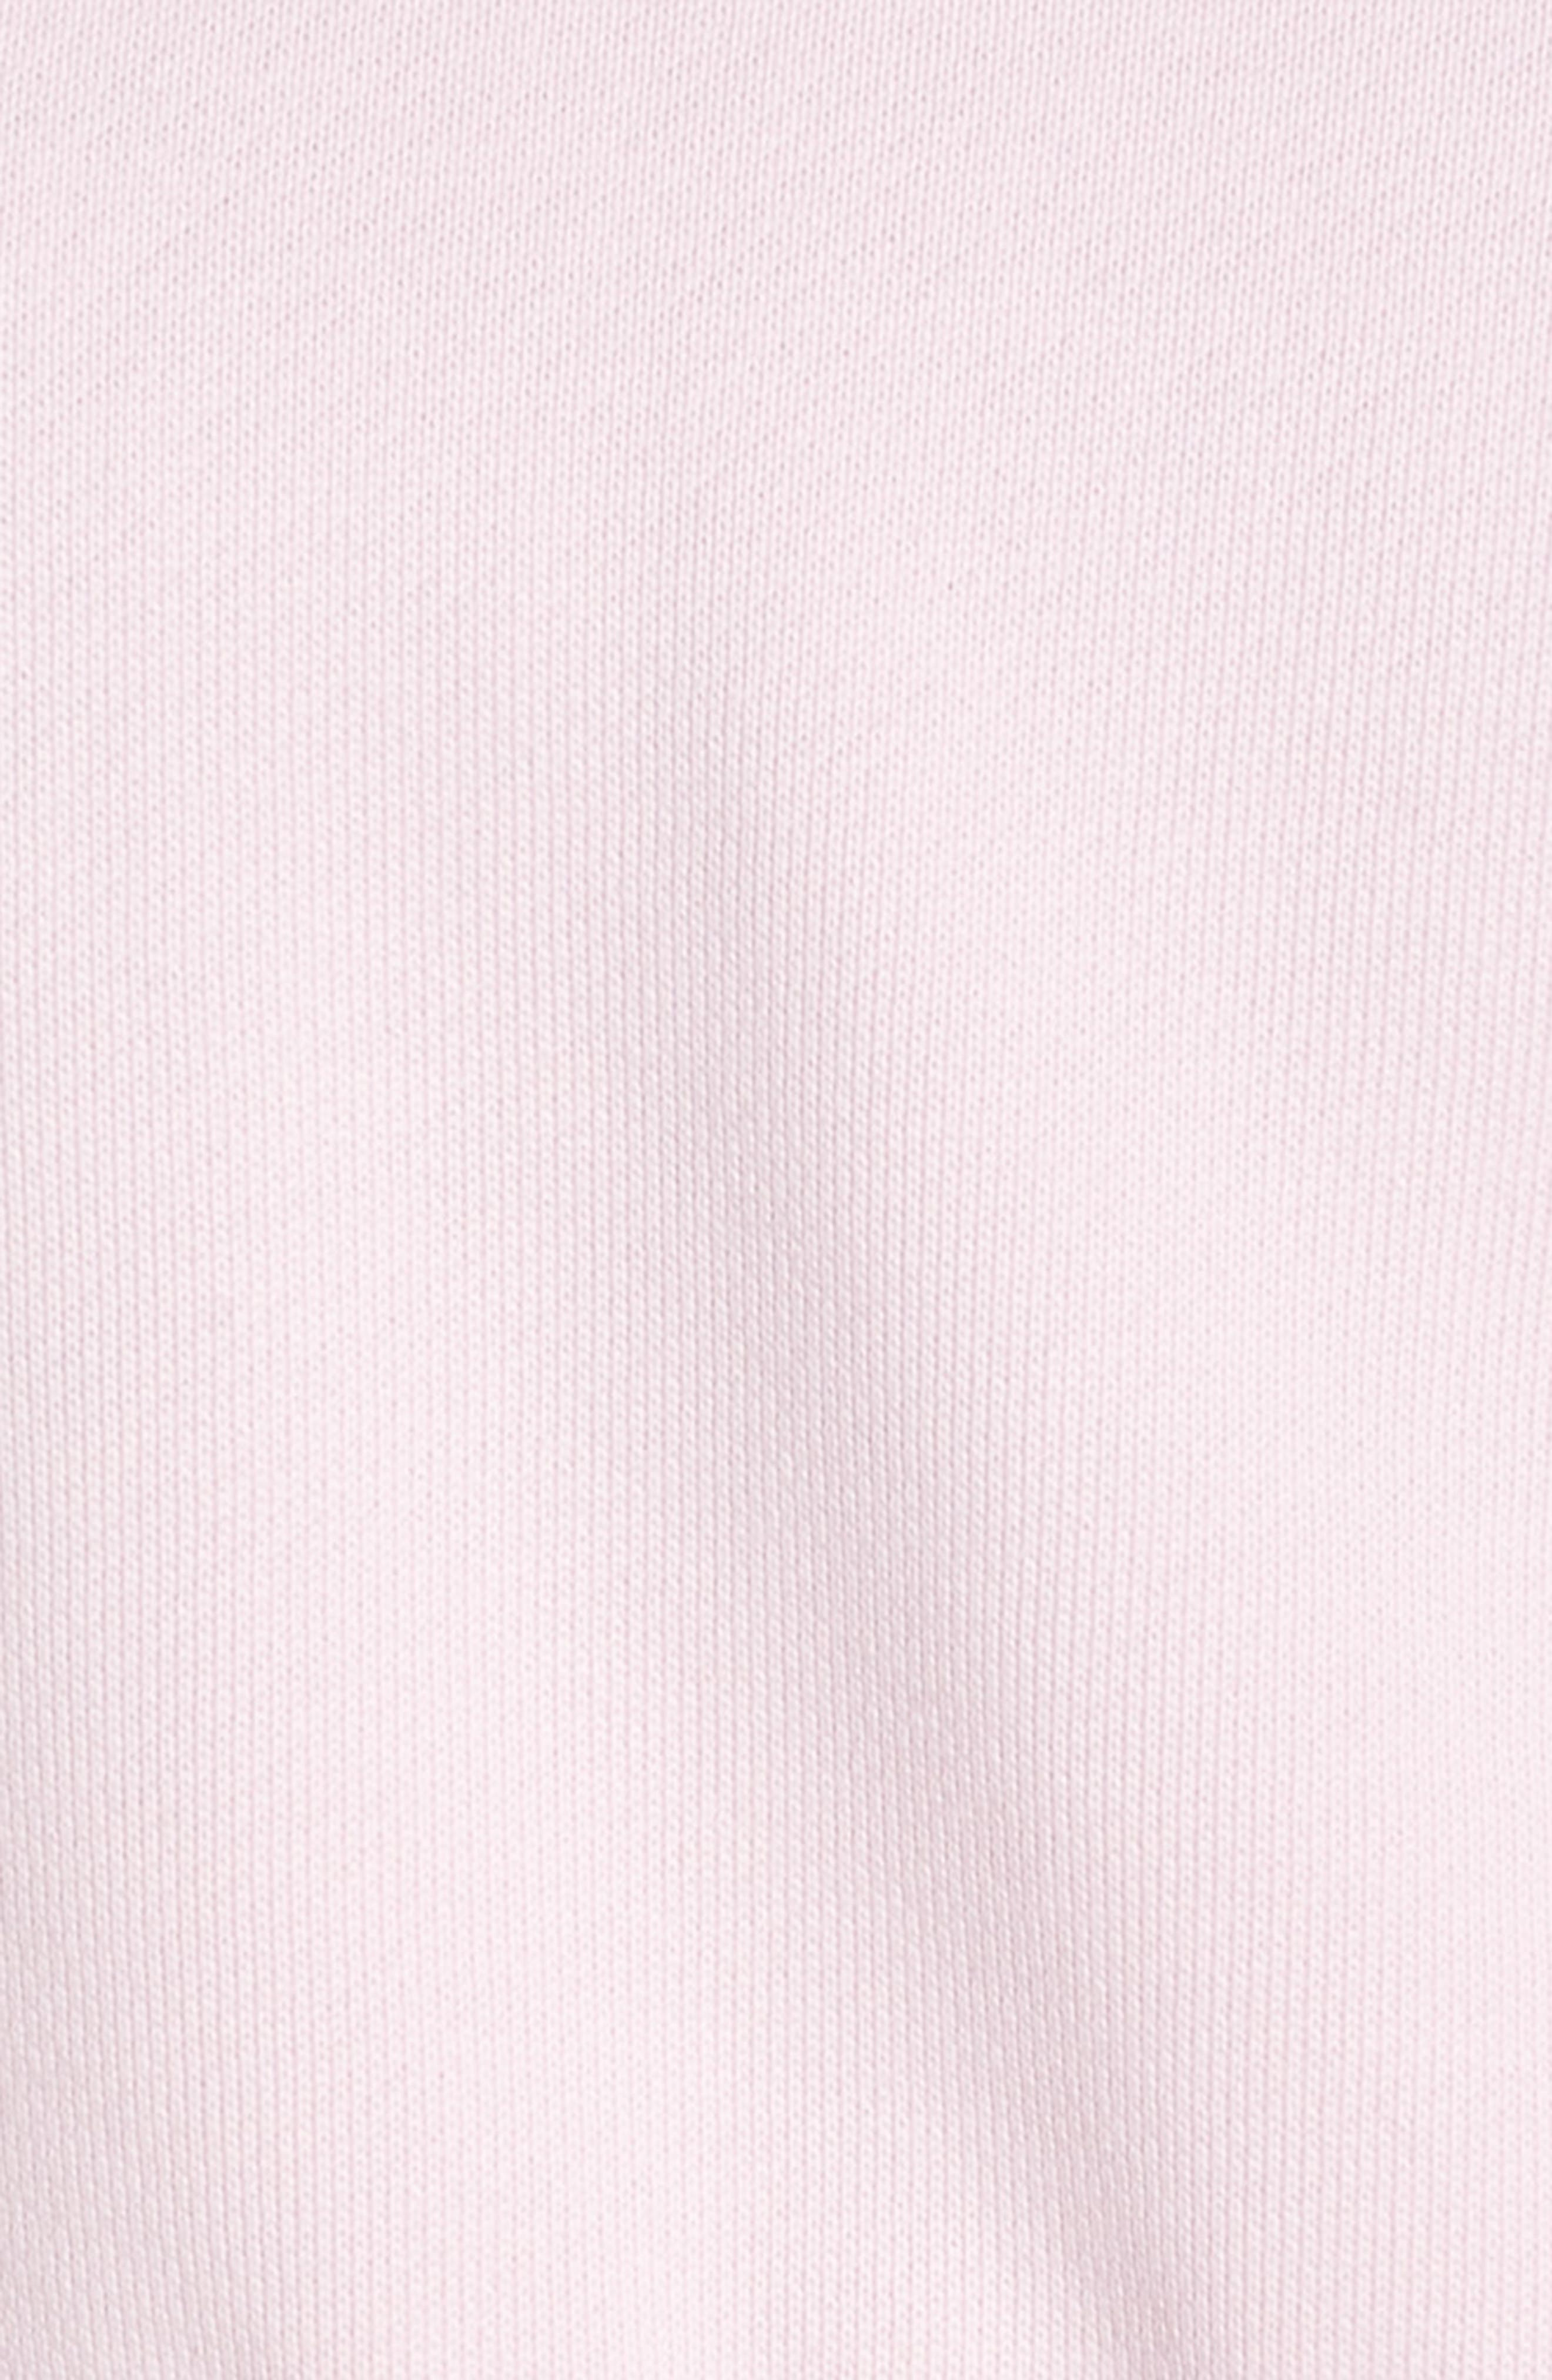 NIKE, Sportswear Women's Cropped Hoodie, Alternate thumbnail 6, color, PINK FOAM/ BLACK